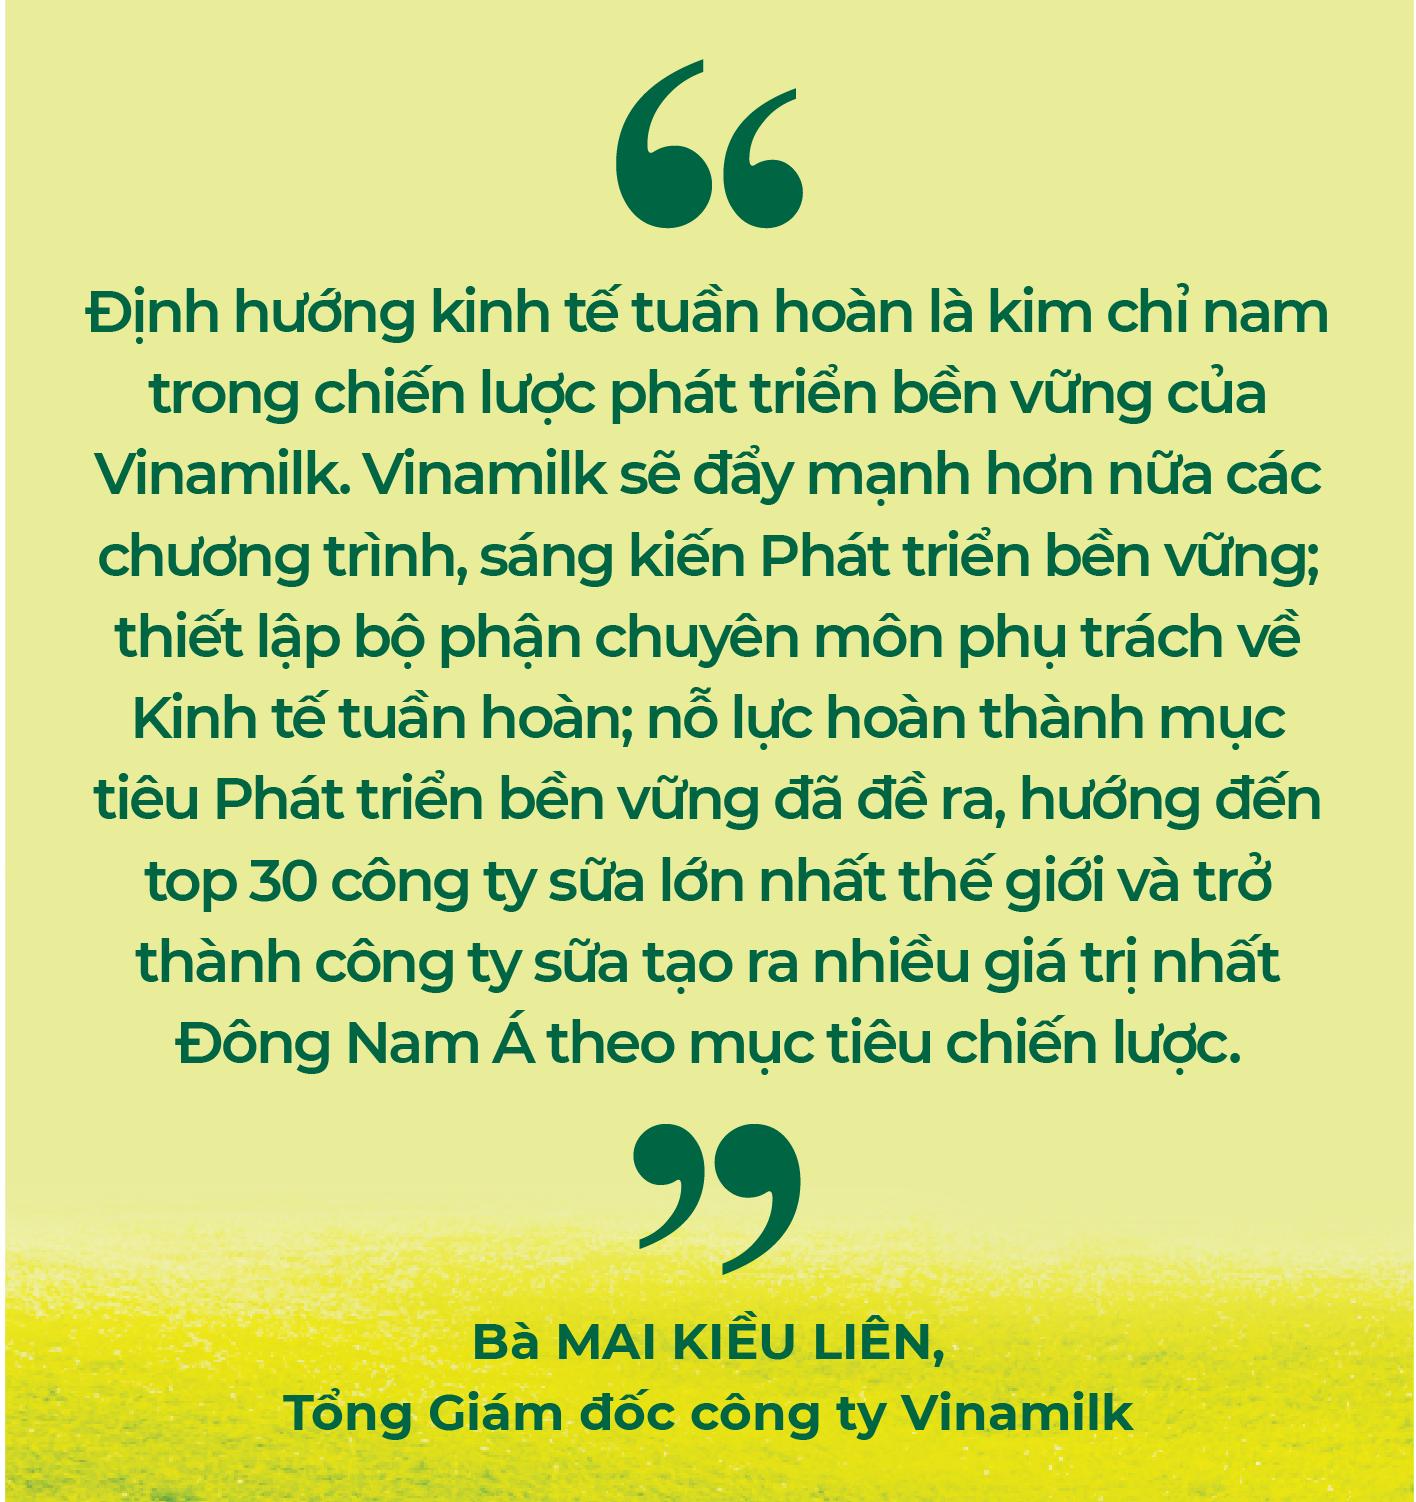 Vinamilk vững vàng vị trí dẫn đầu Top 100 doanh nghiệp bền vững Việt Nam năm 2020 - Ảnh 2.